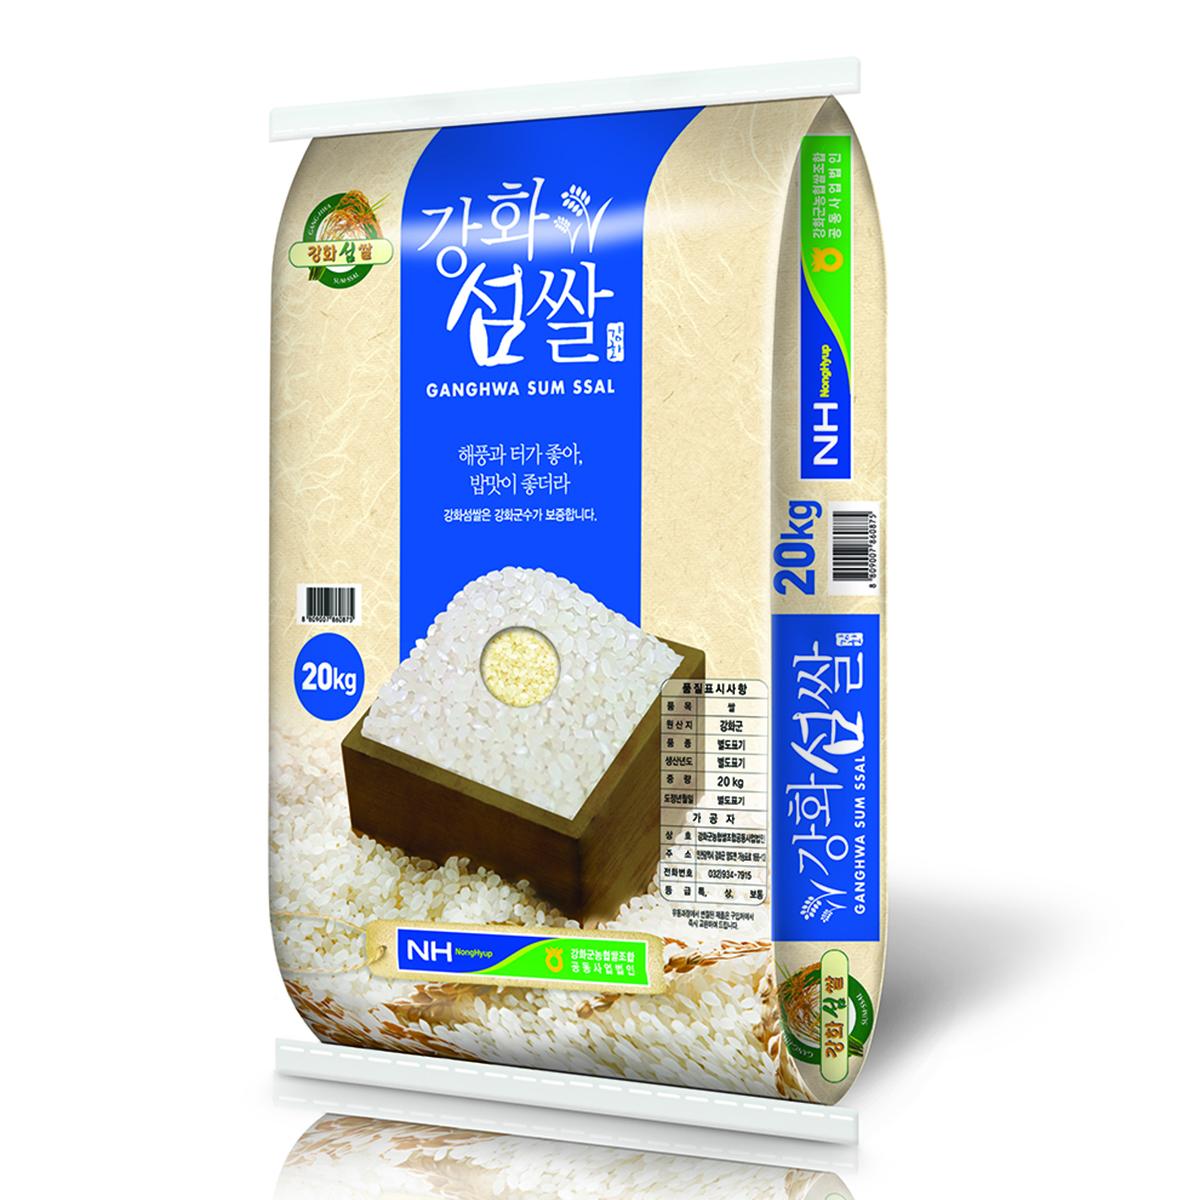 강화섬쌀 2020년 햅쌀 삼광, 20kg, 1개